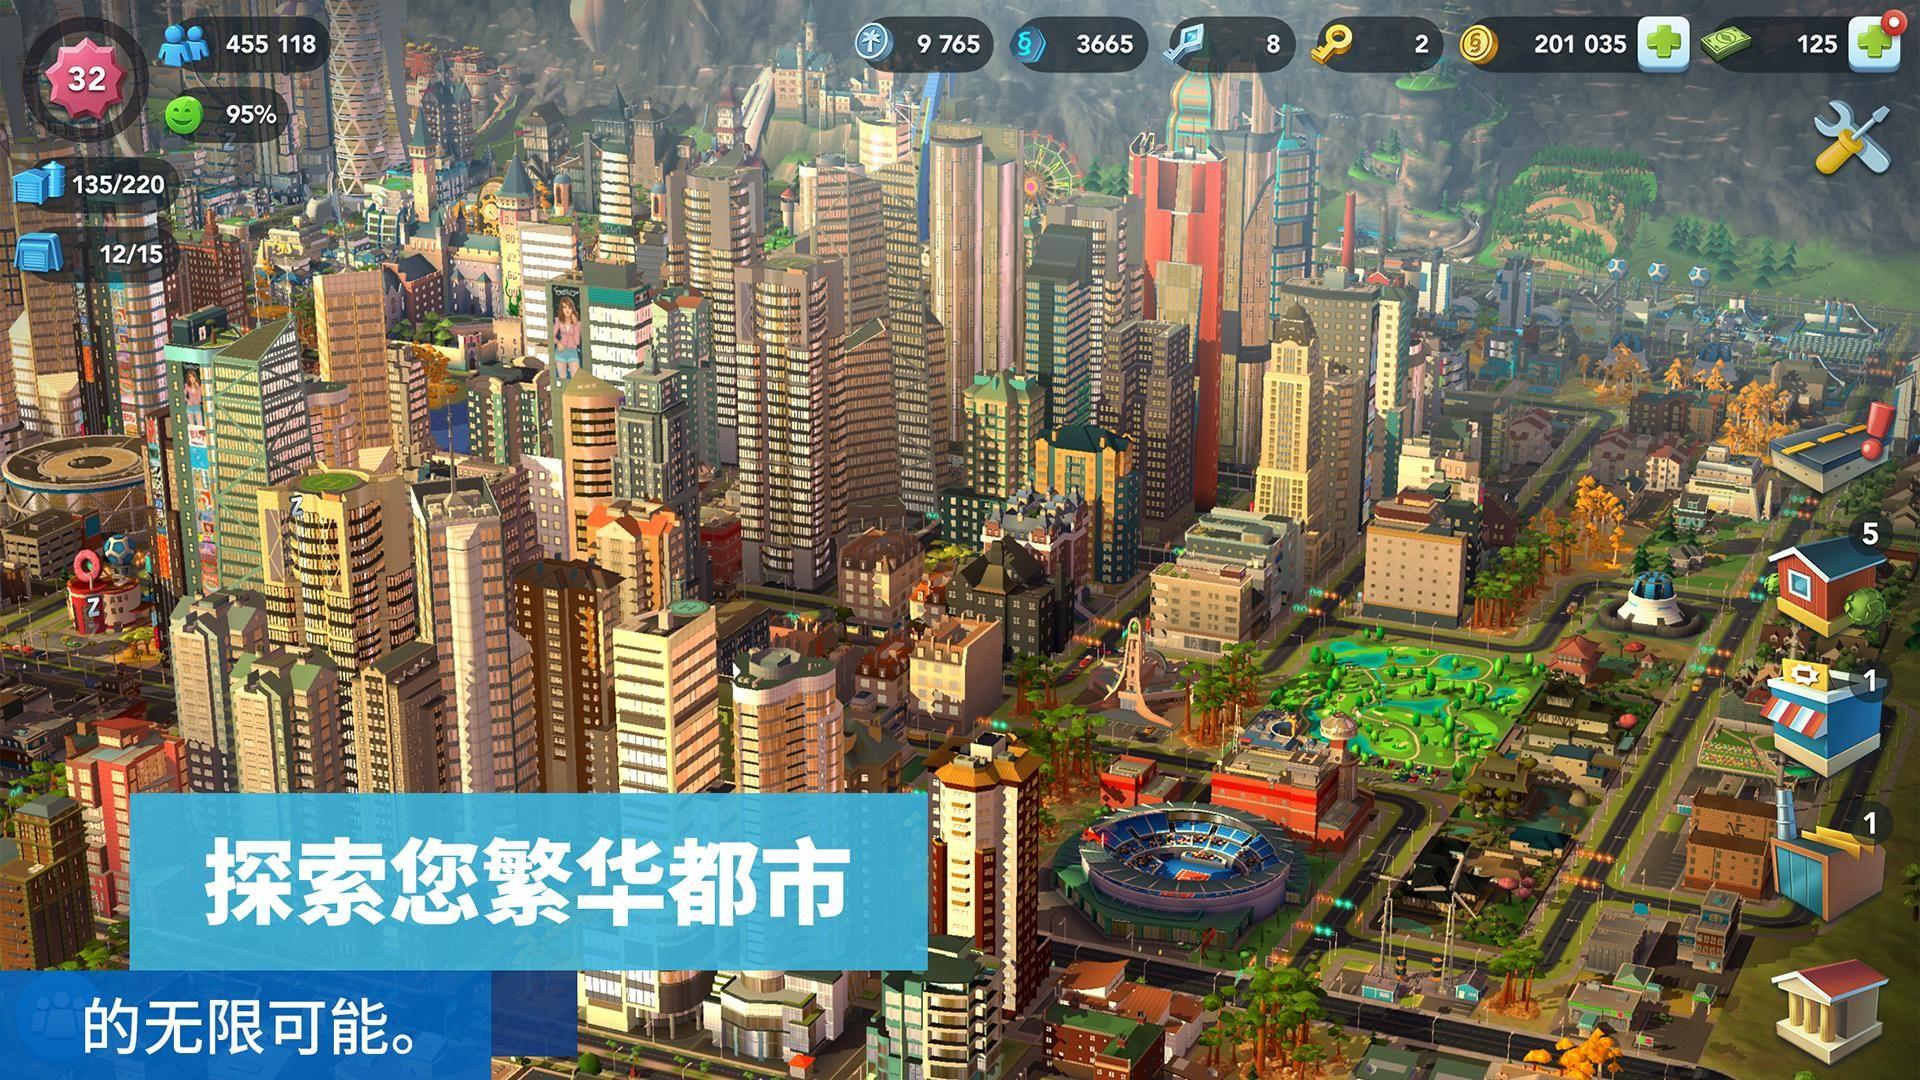 模拟城市 游戏截图5